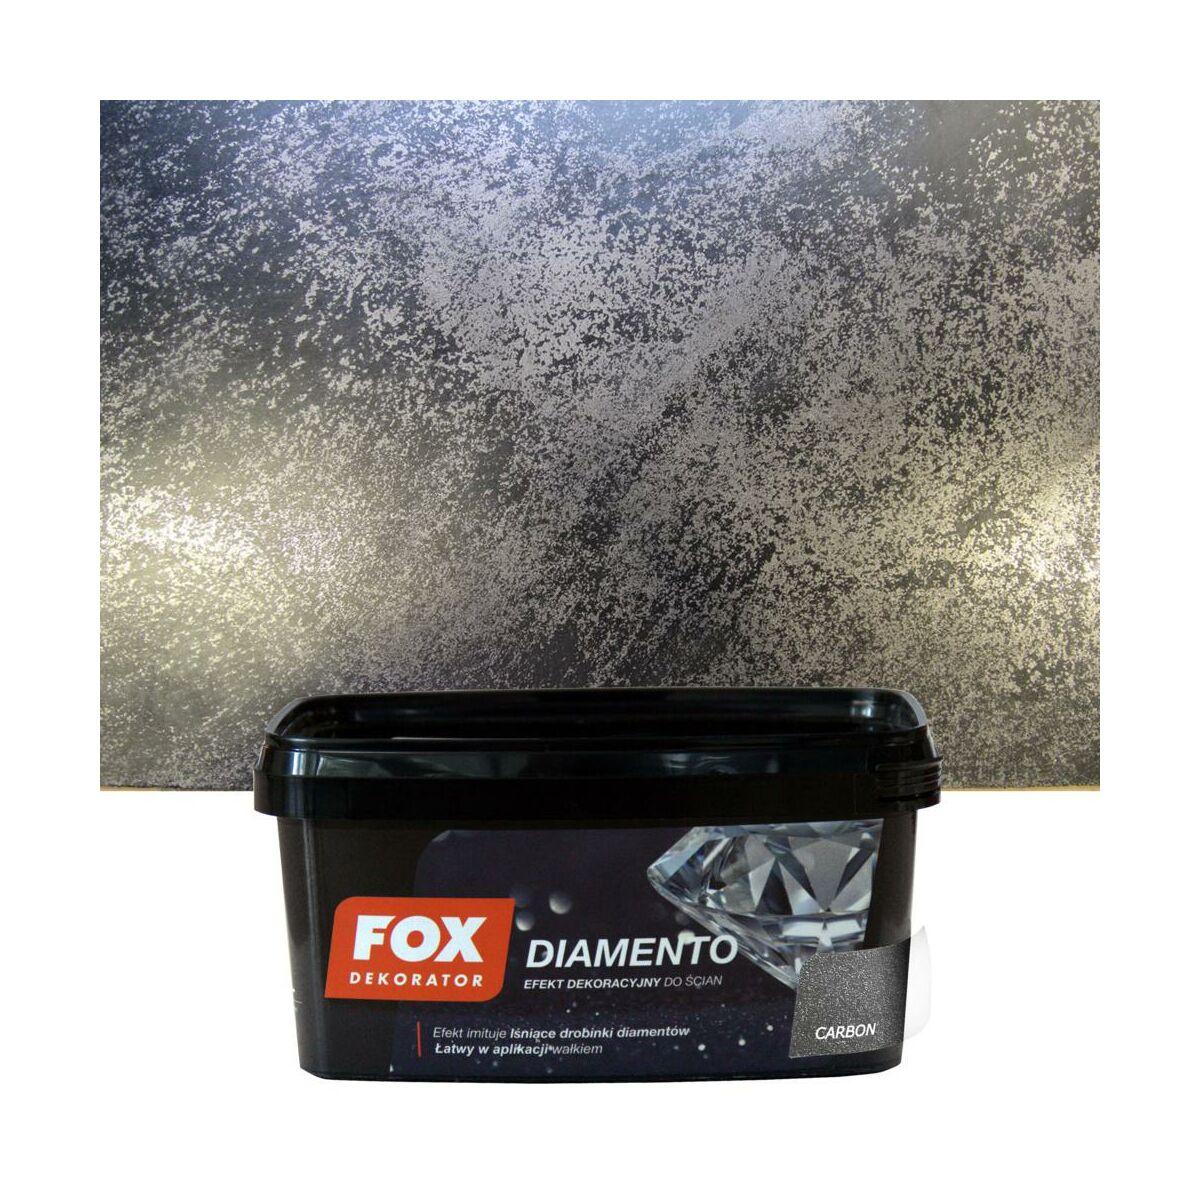 Farba Dekoracyjna Diamento Czarny Brokatowy Fox